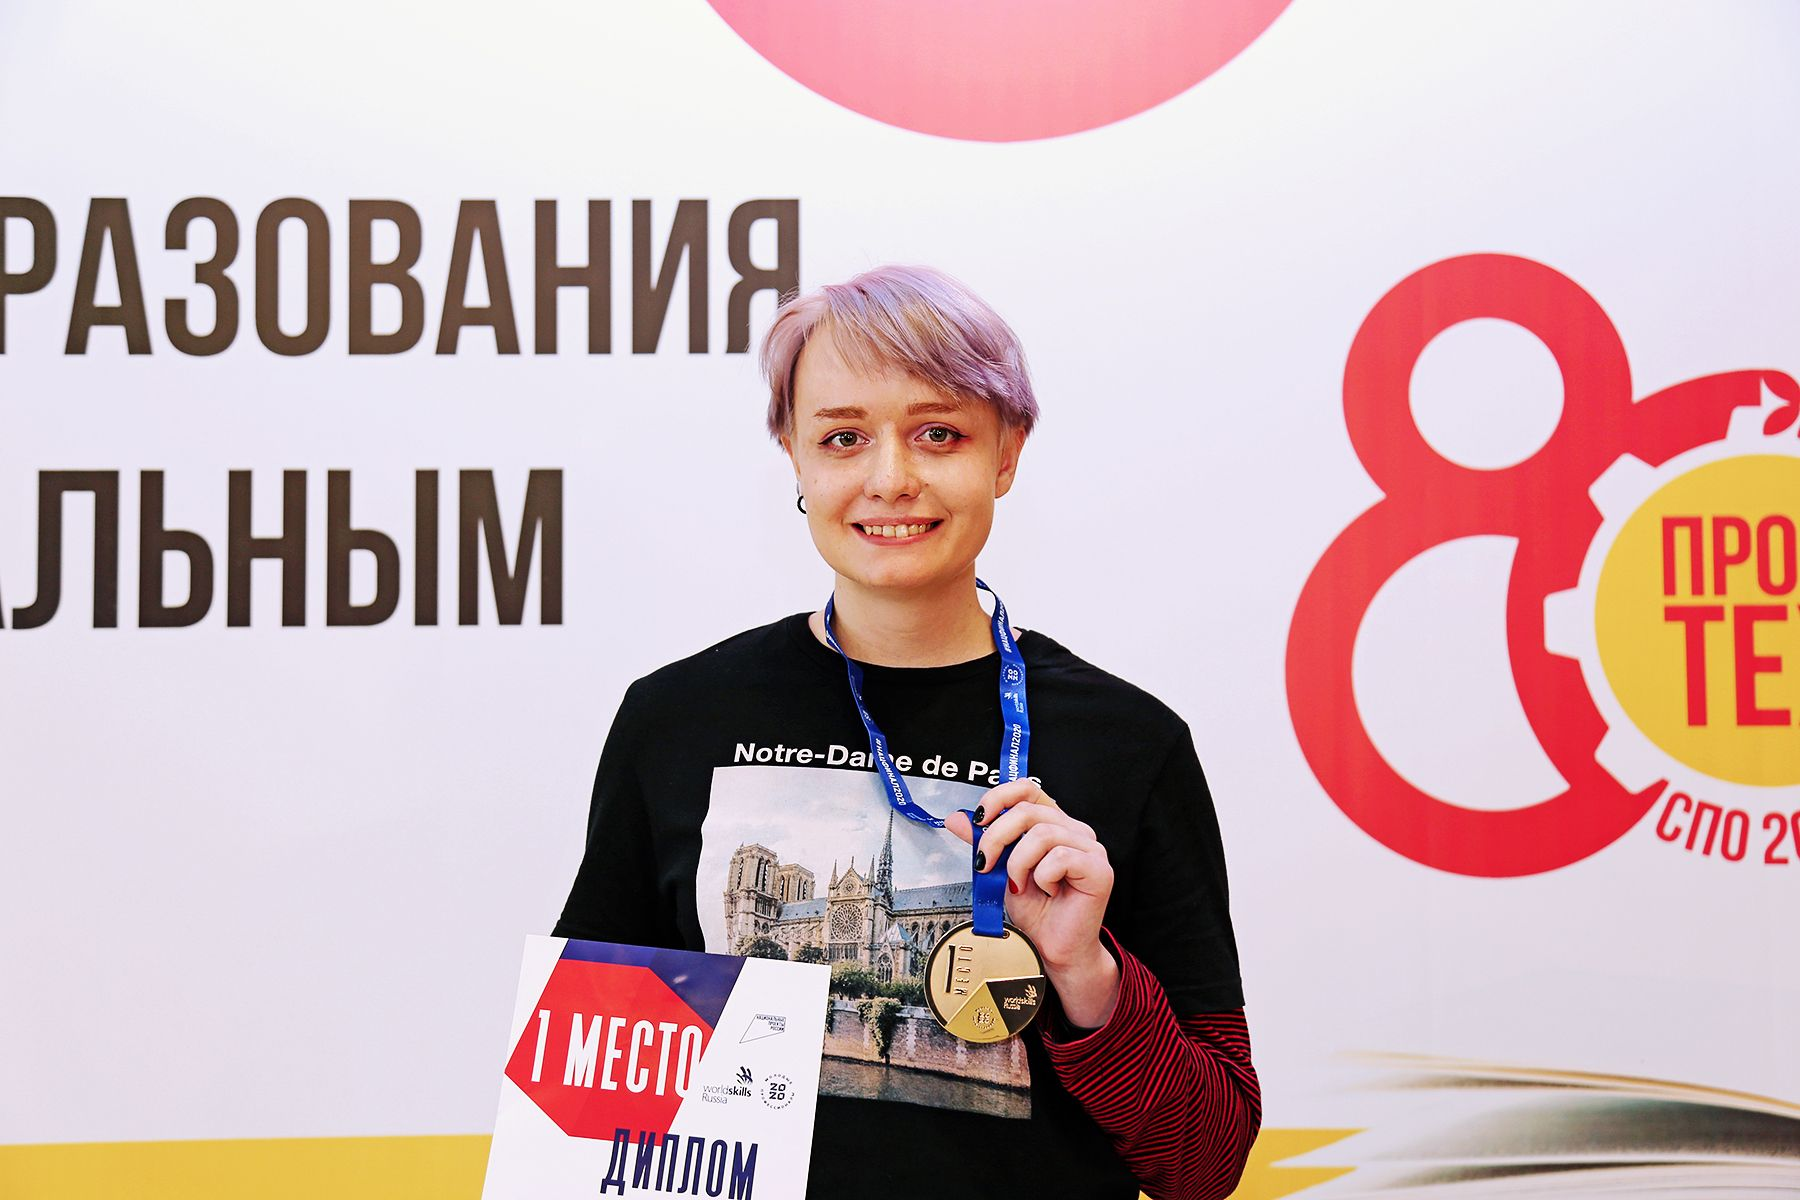 Студентка Академического колледжа ВГУЭС, победитель VIII Национального чемпионата «Молодые профессионалы» Полина Вайтушко: главное – верить в свои силы и выложиться на 100 процентов